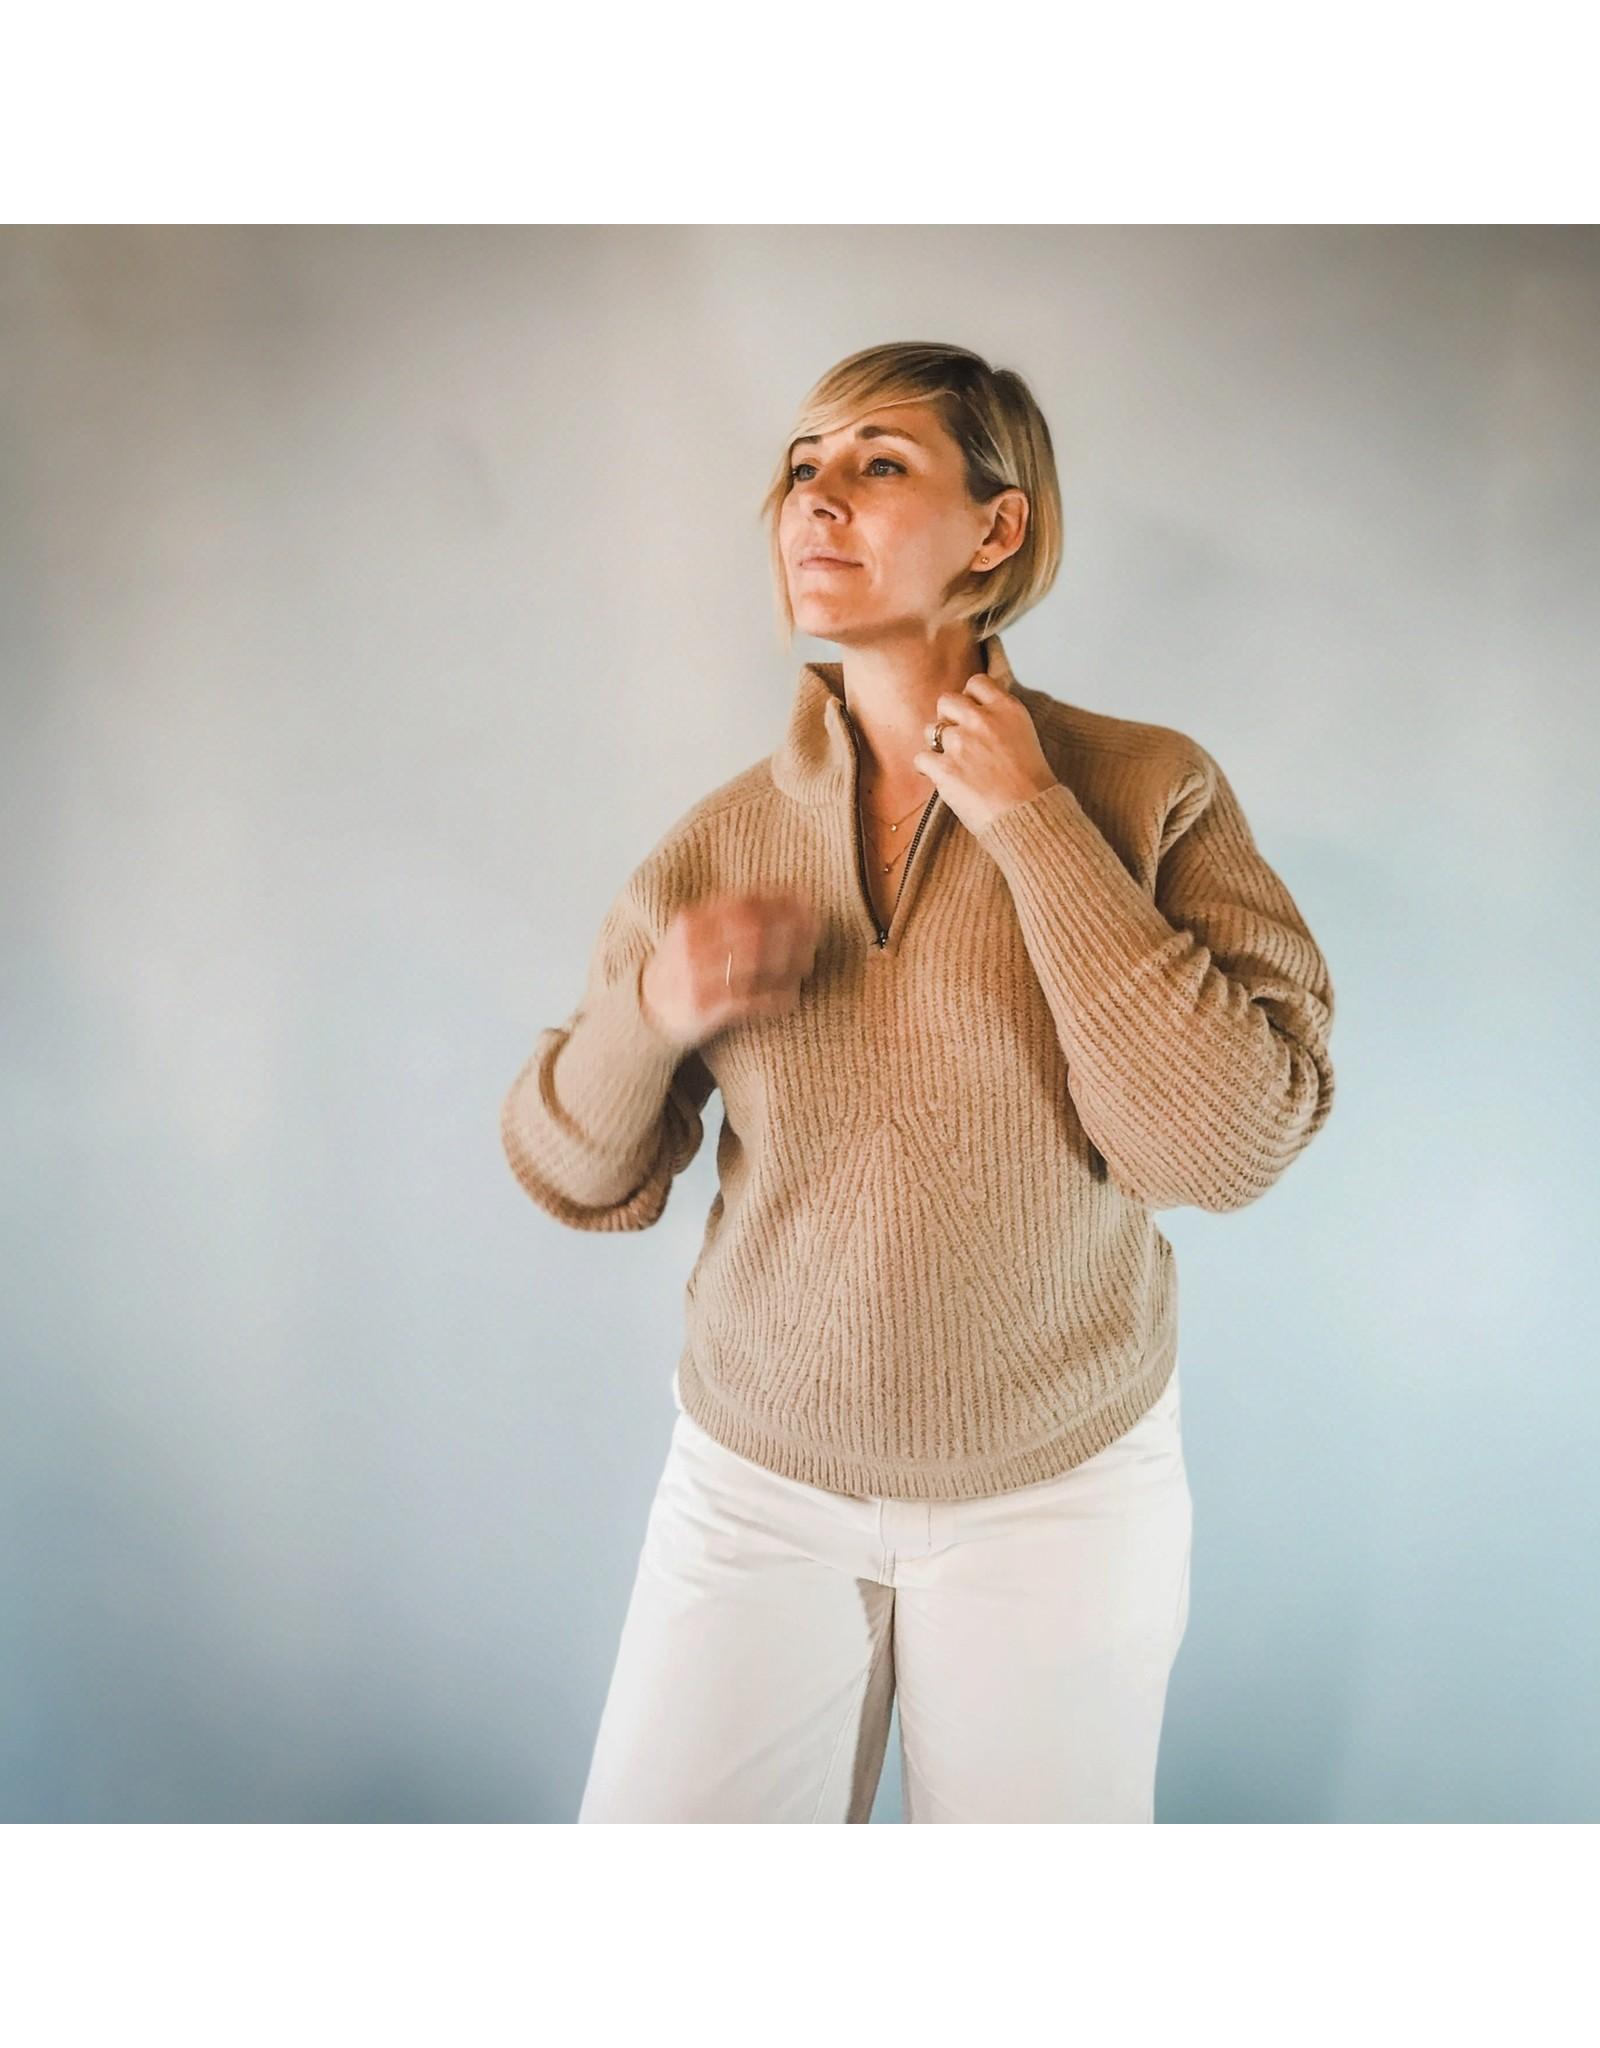 Bonanza - Crew Sweater 1/4 Zip in Cream or White